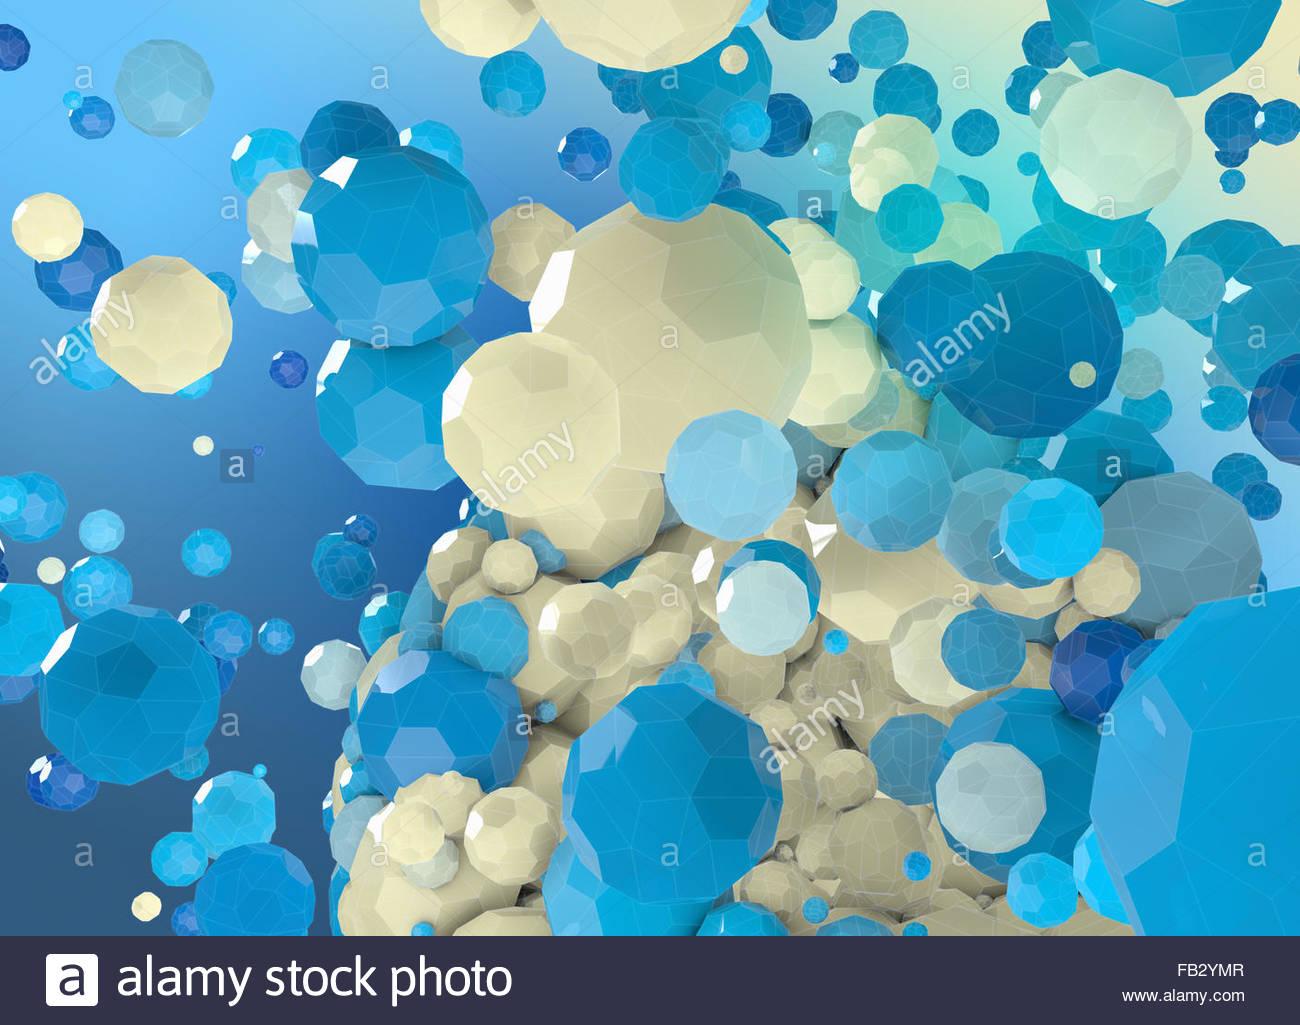 Sfera astratta scomposizione in blu e crema di poligoni Immagini Stock